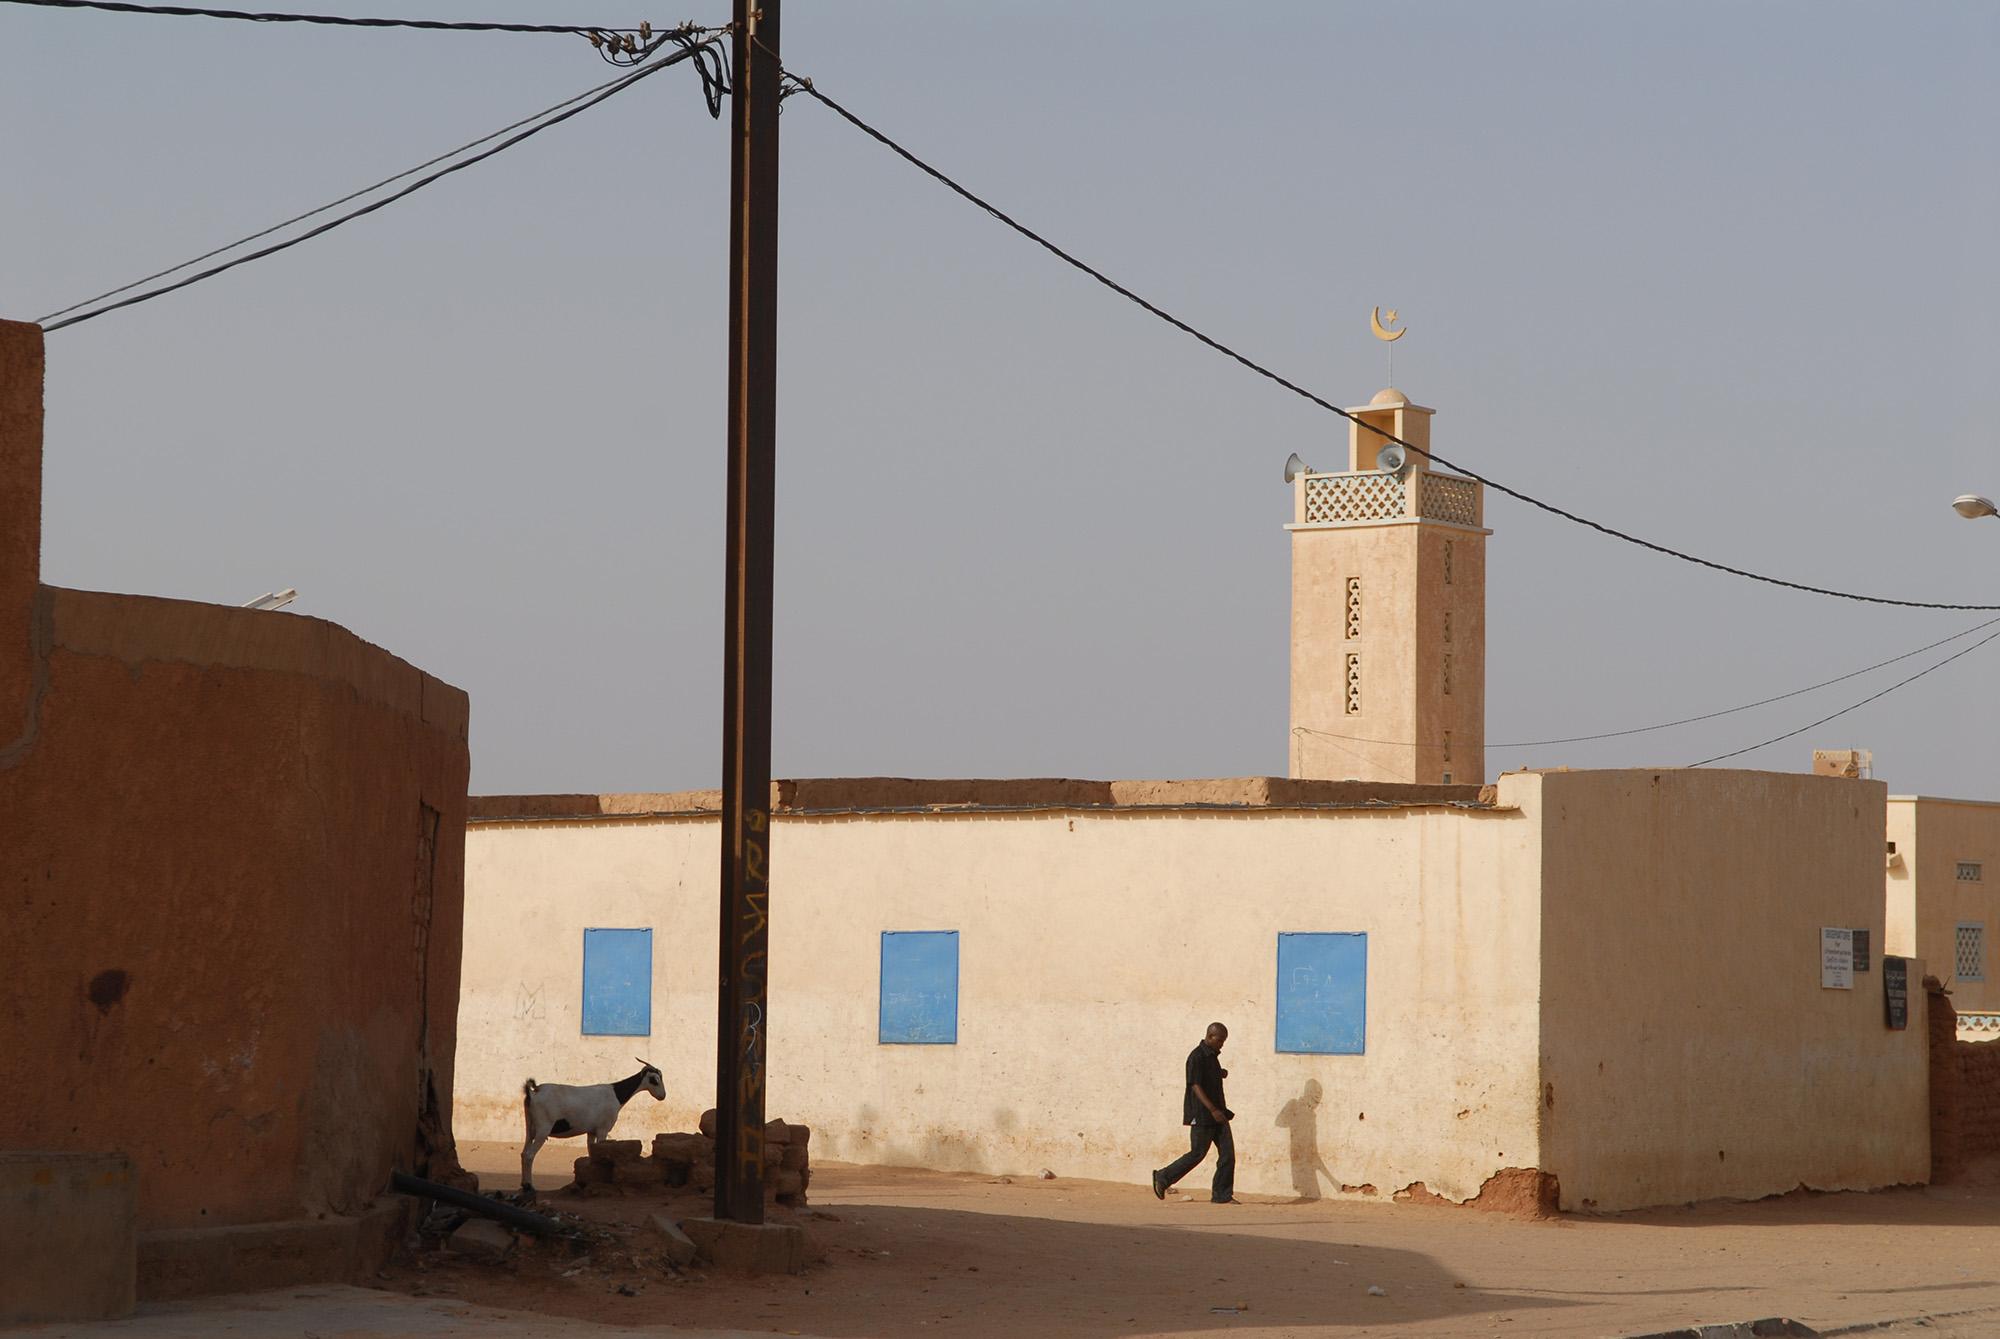 Foto van een man en een geit bij gebouwen in de stad Agadez